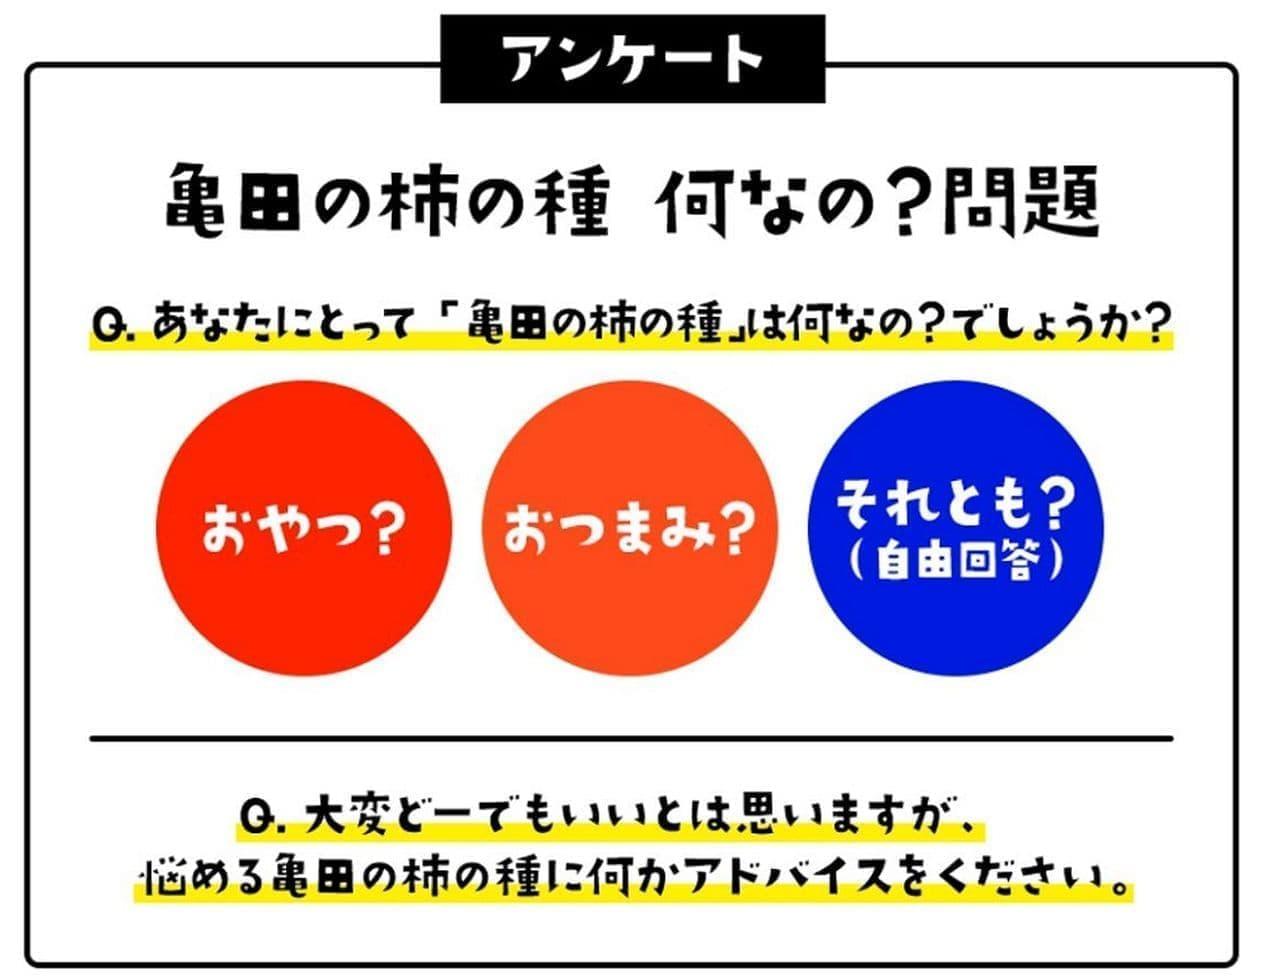 「亀田の柿の種 何なの?問題」キャンペーン